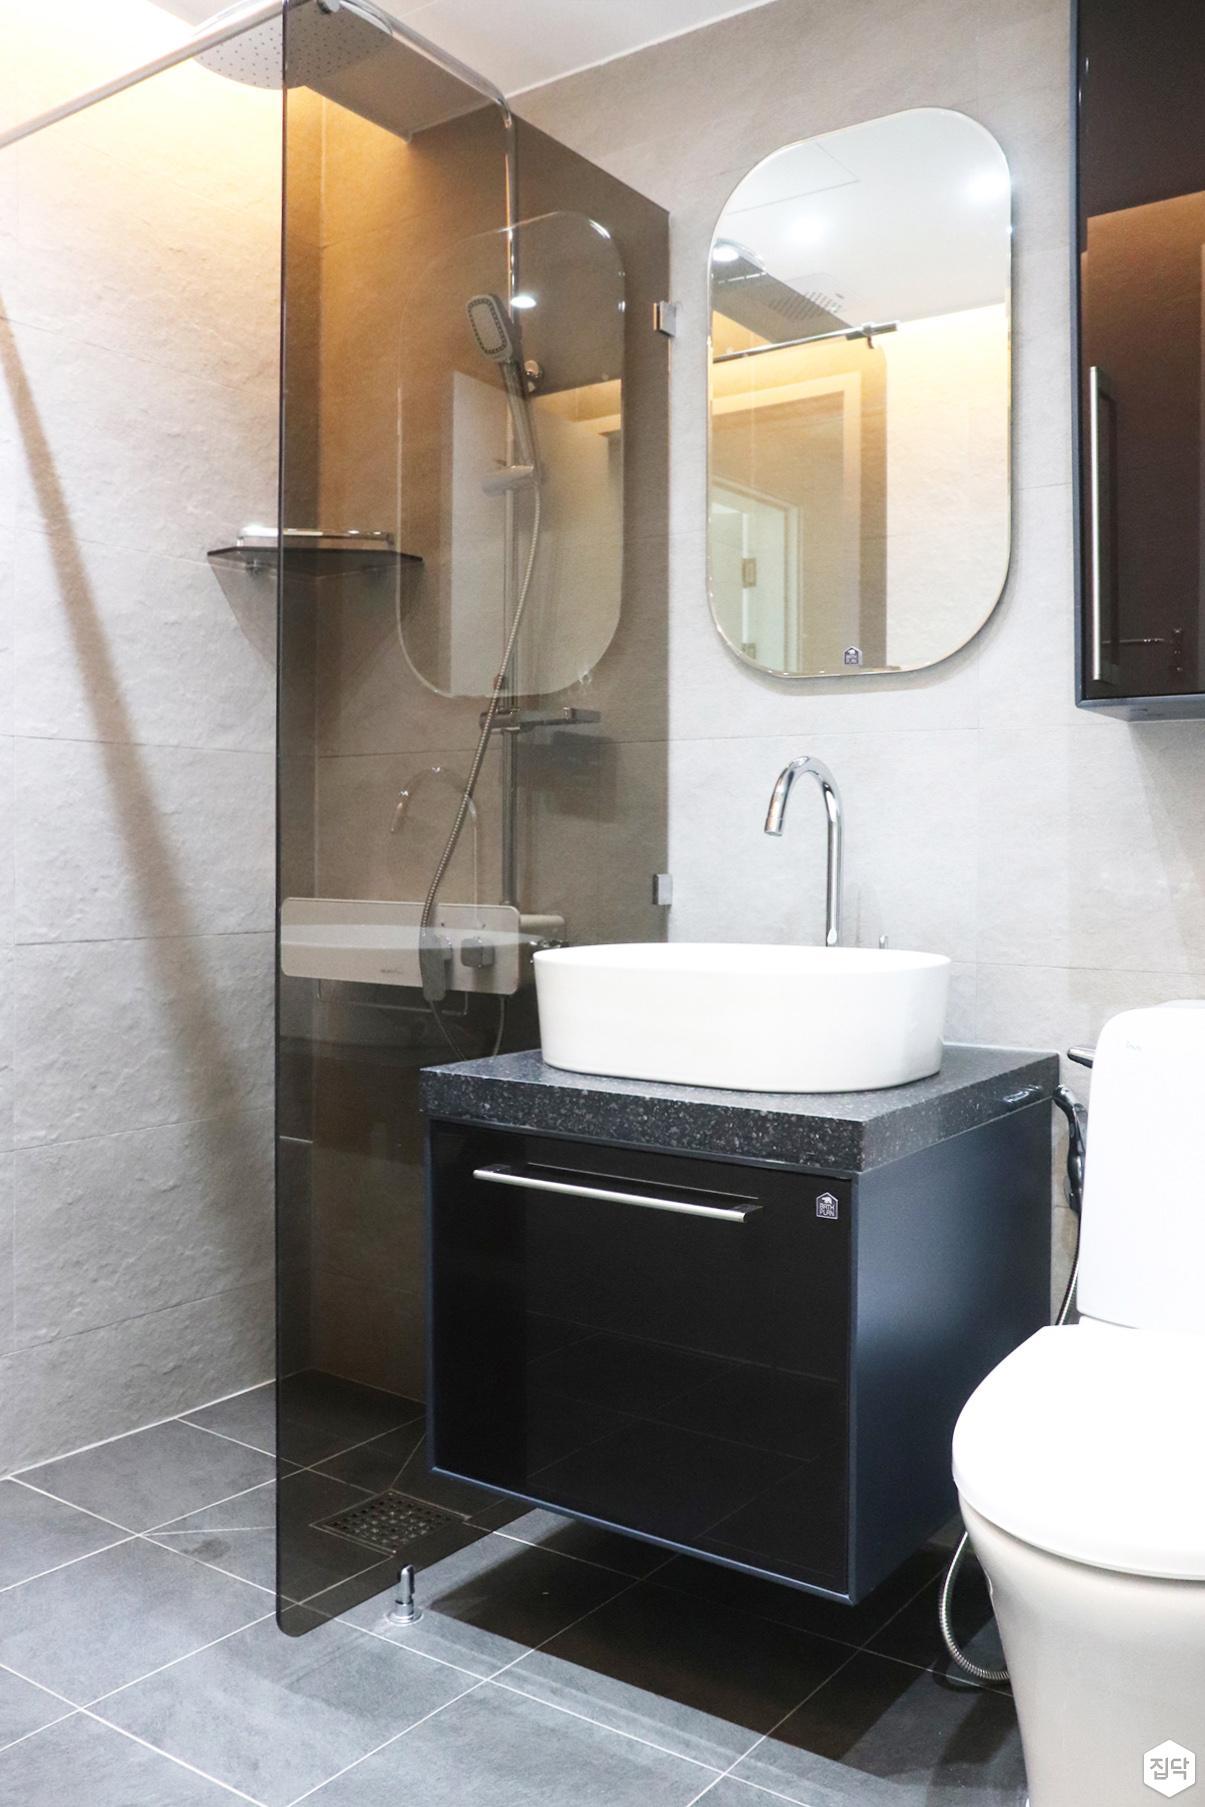 화이트,블랙,거울,유리파티션,세면대,수납장,화장실